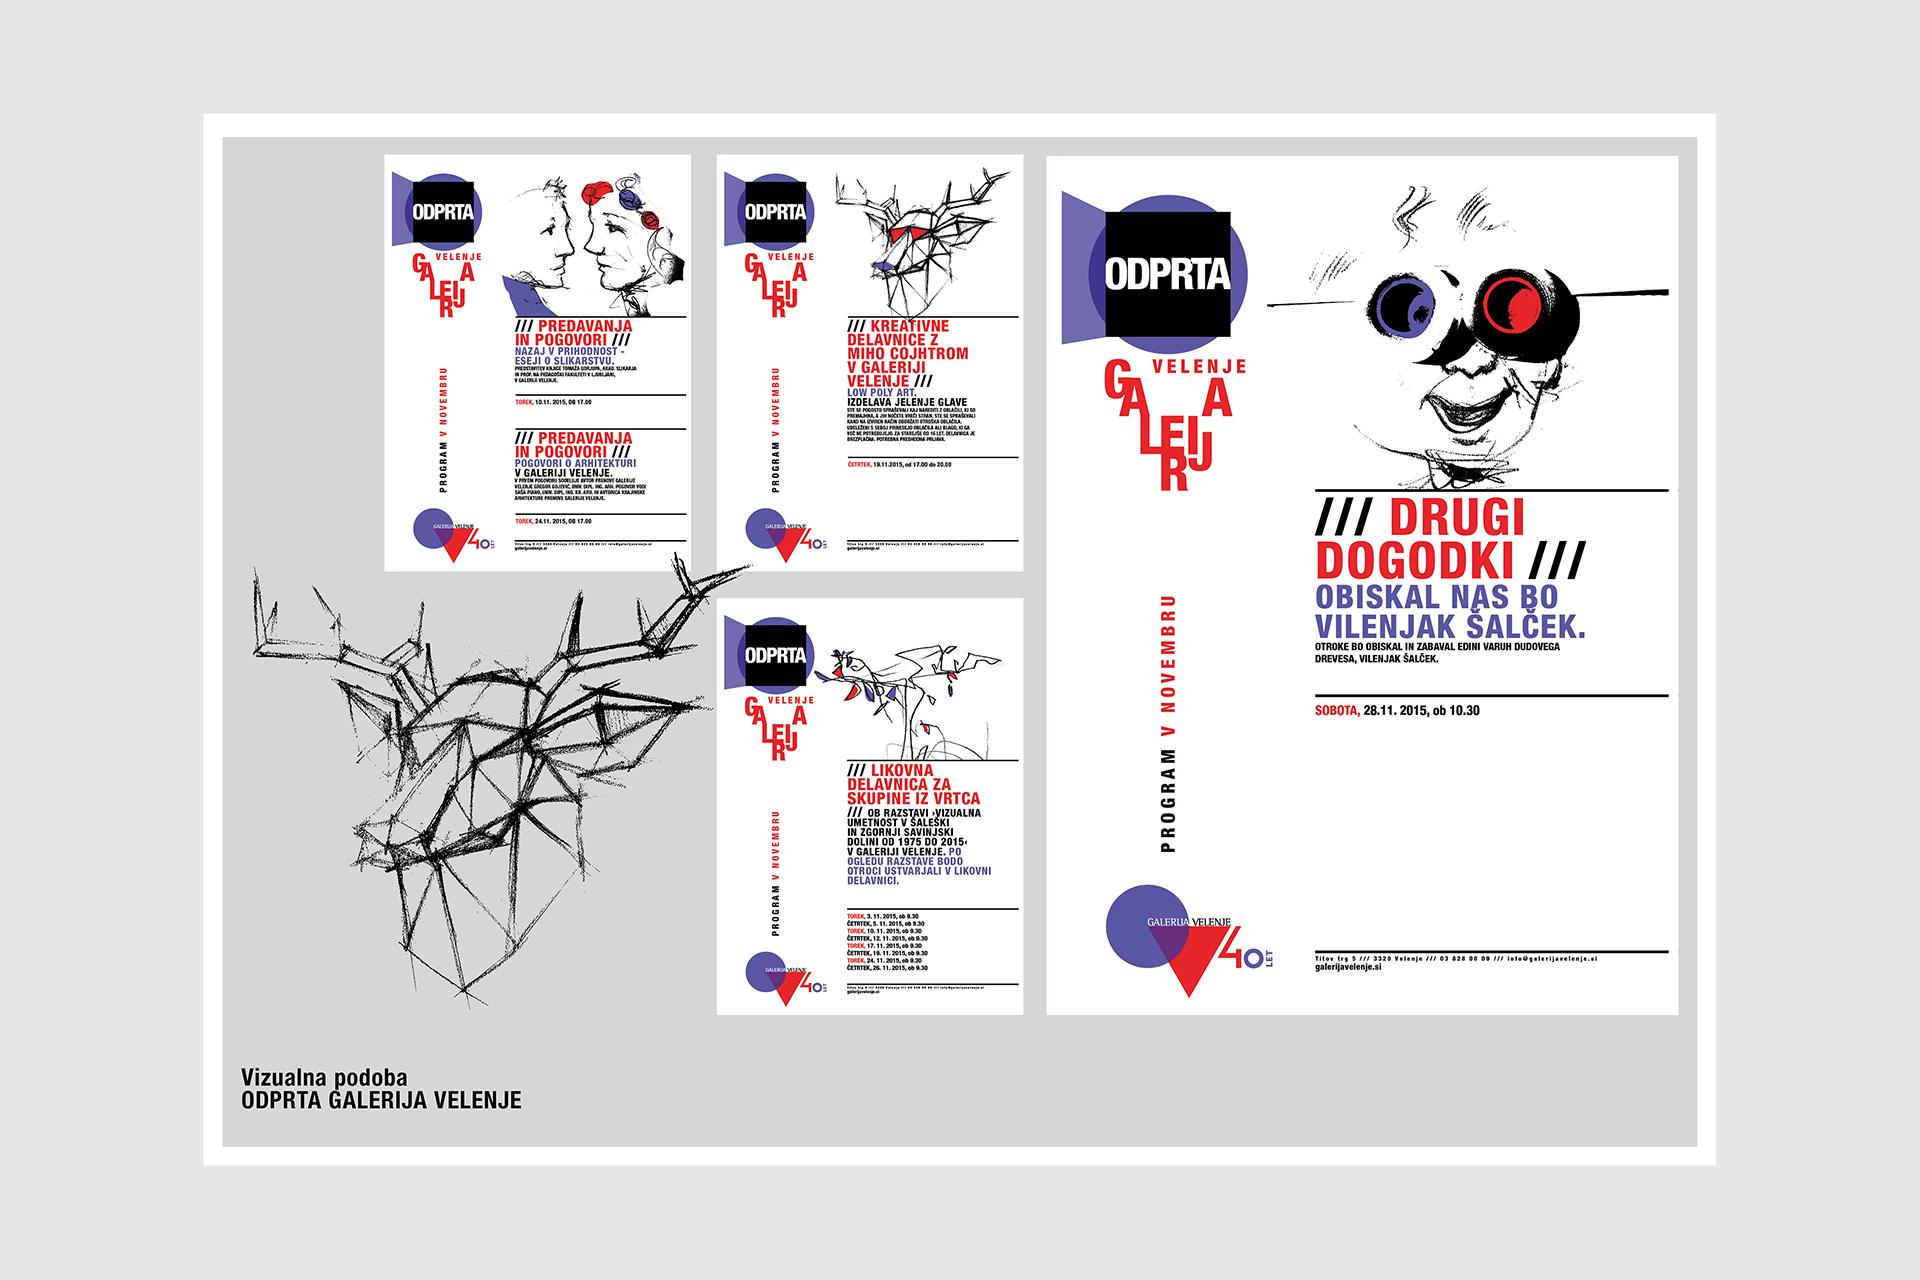 odprta_galerija_marko_marinsek_nov_15_screen